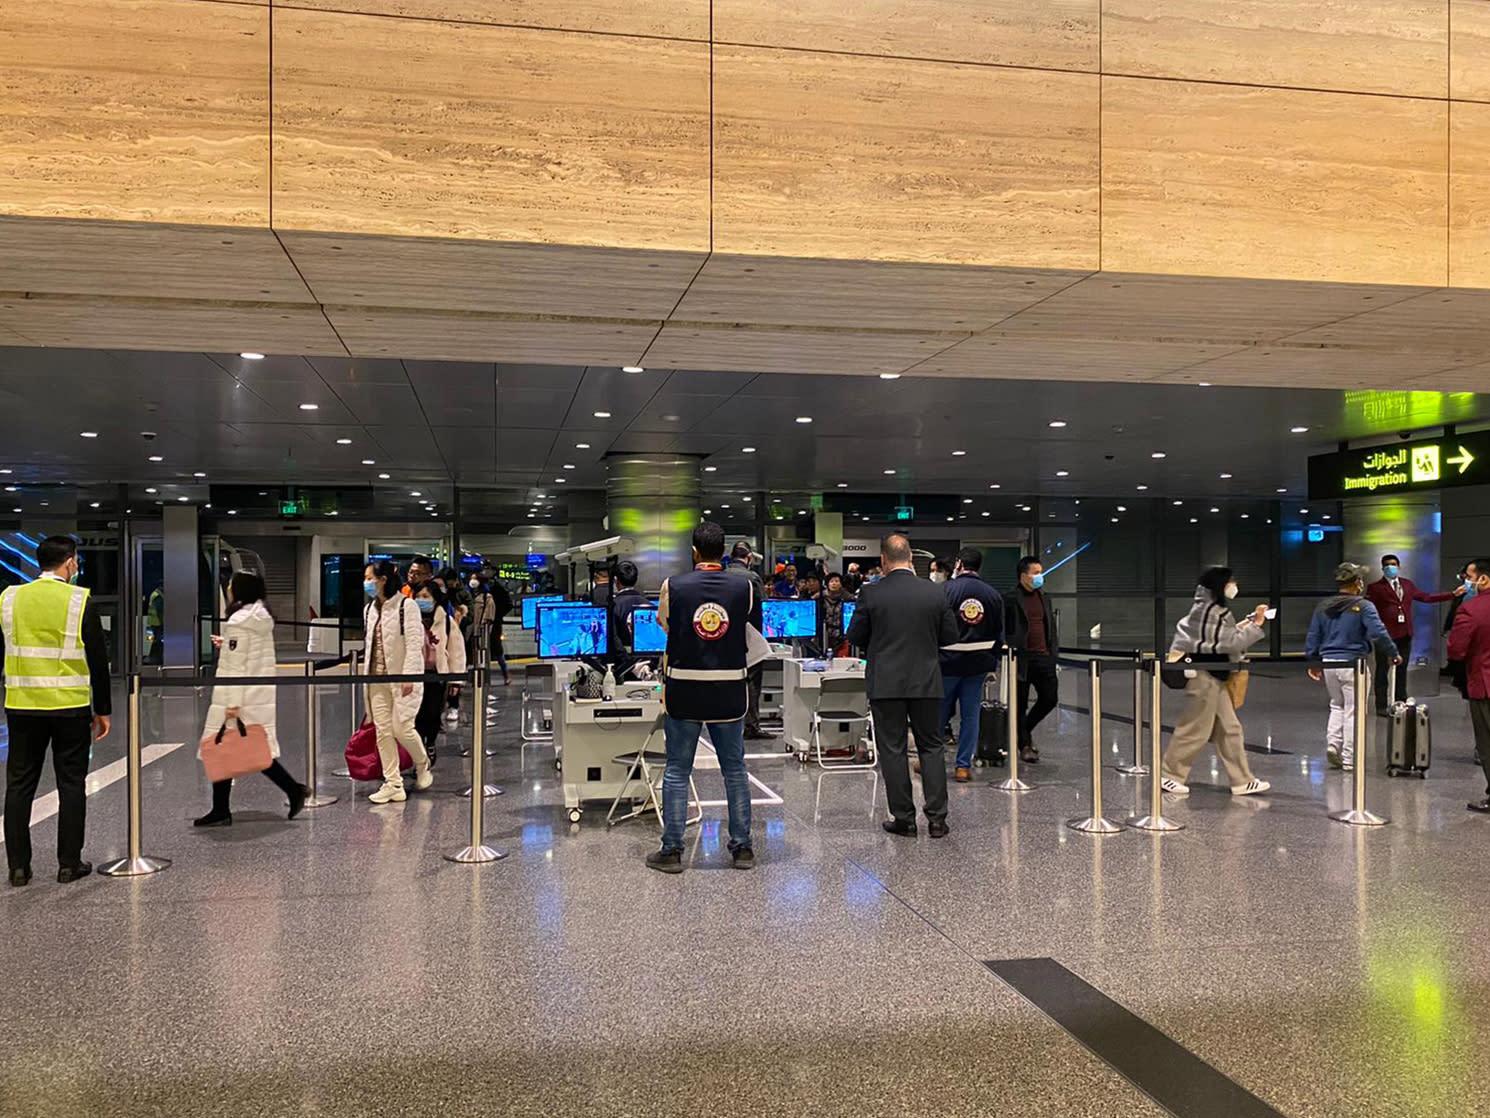 إجراءات استثنائية في مطار الدوحة للكشف عن المصابين بفيروس كورونا